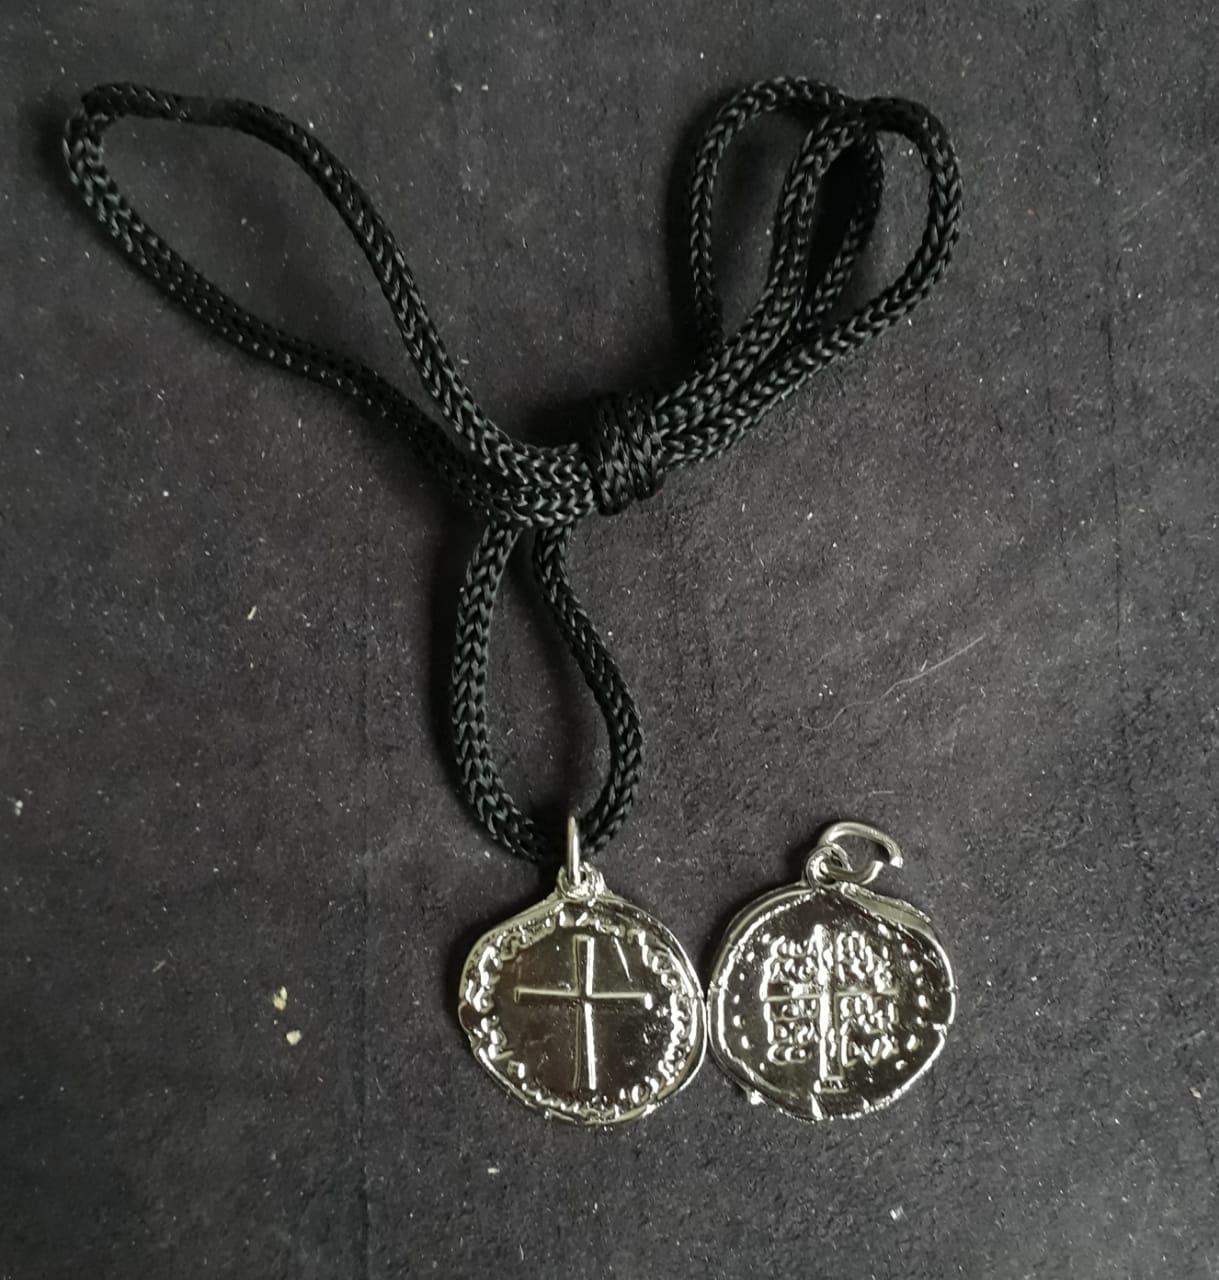 CR137 - Cordão Medalha Duas Cruzes 24mm Niquel  - VindVedShop - Distribuidora Catolica